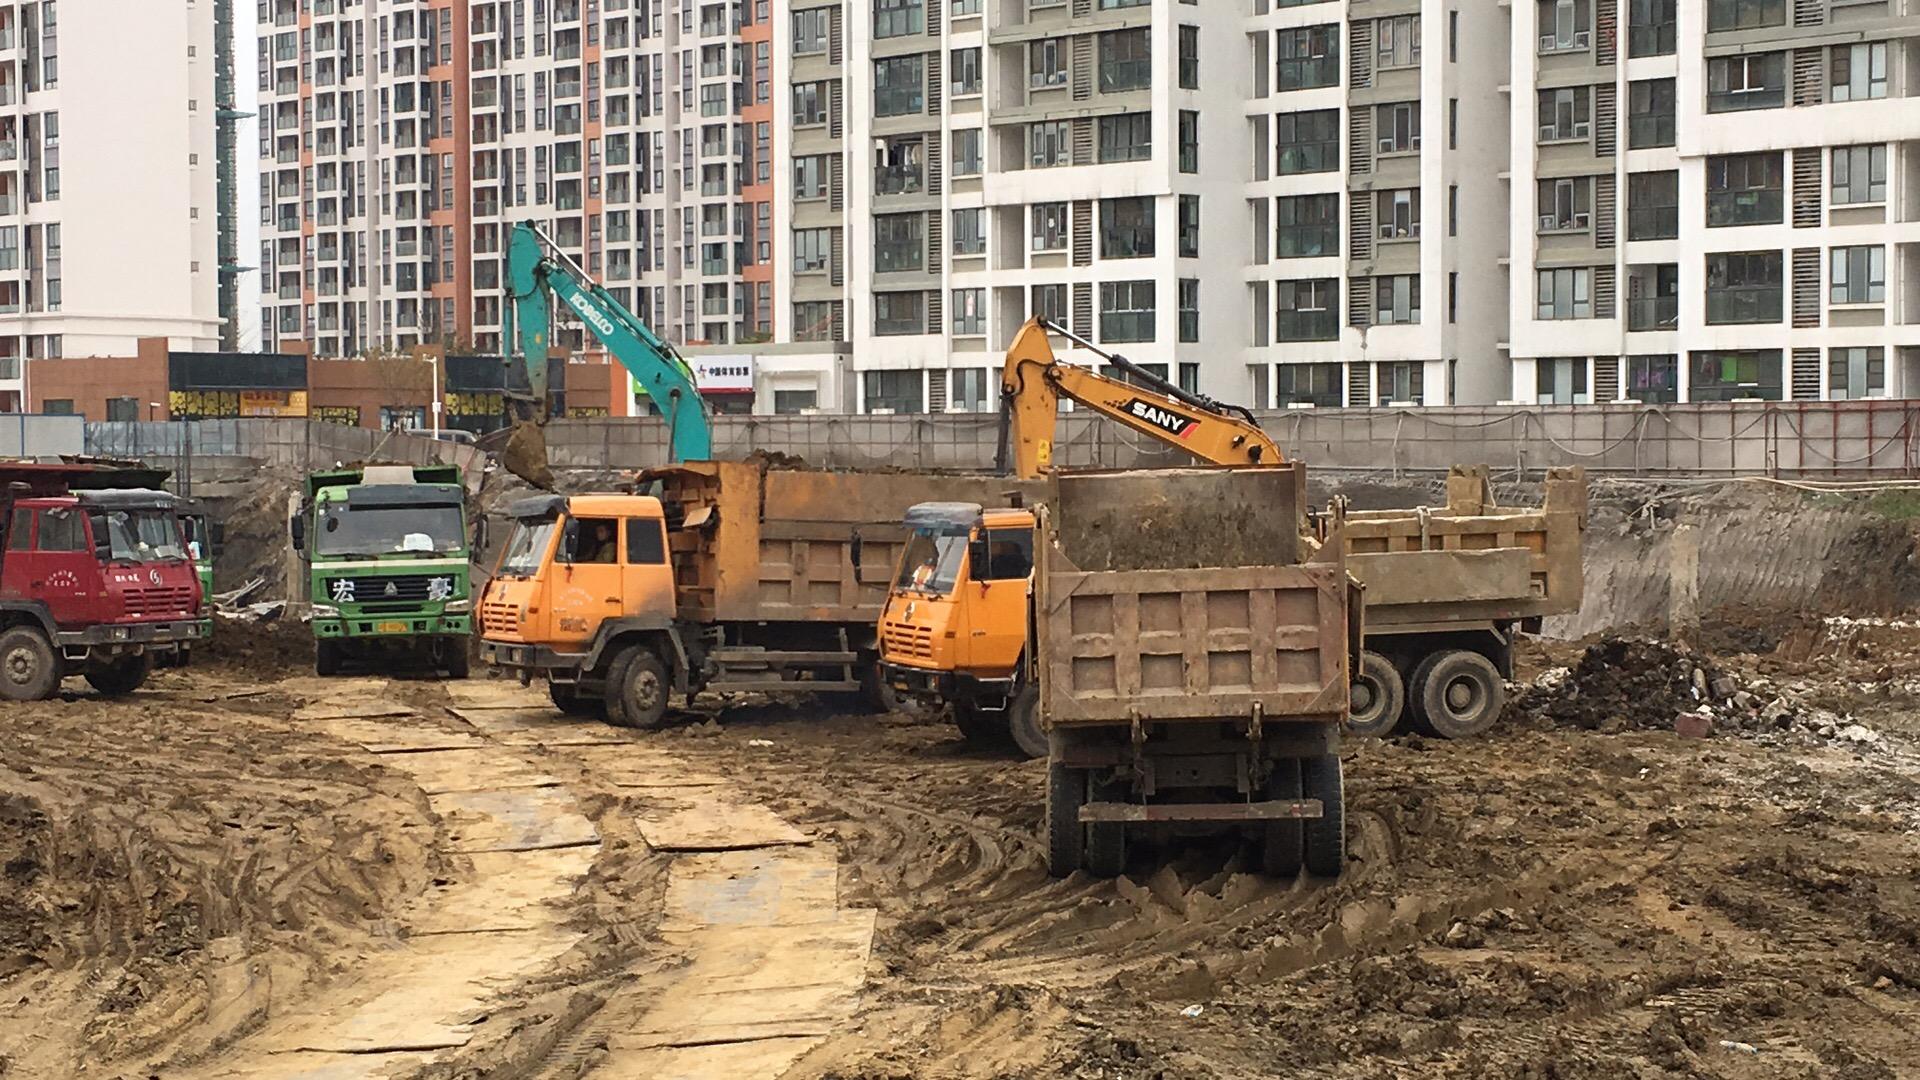 江苏挖掘机租赁价格,挖掘机租赁